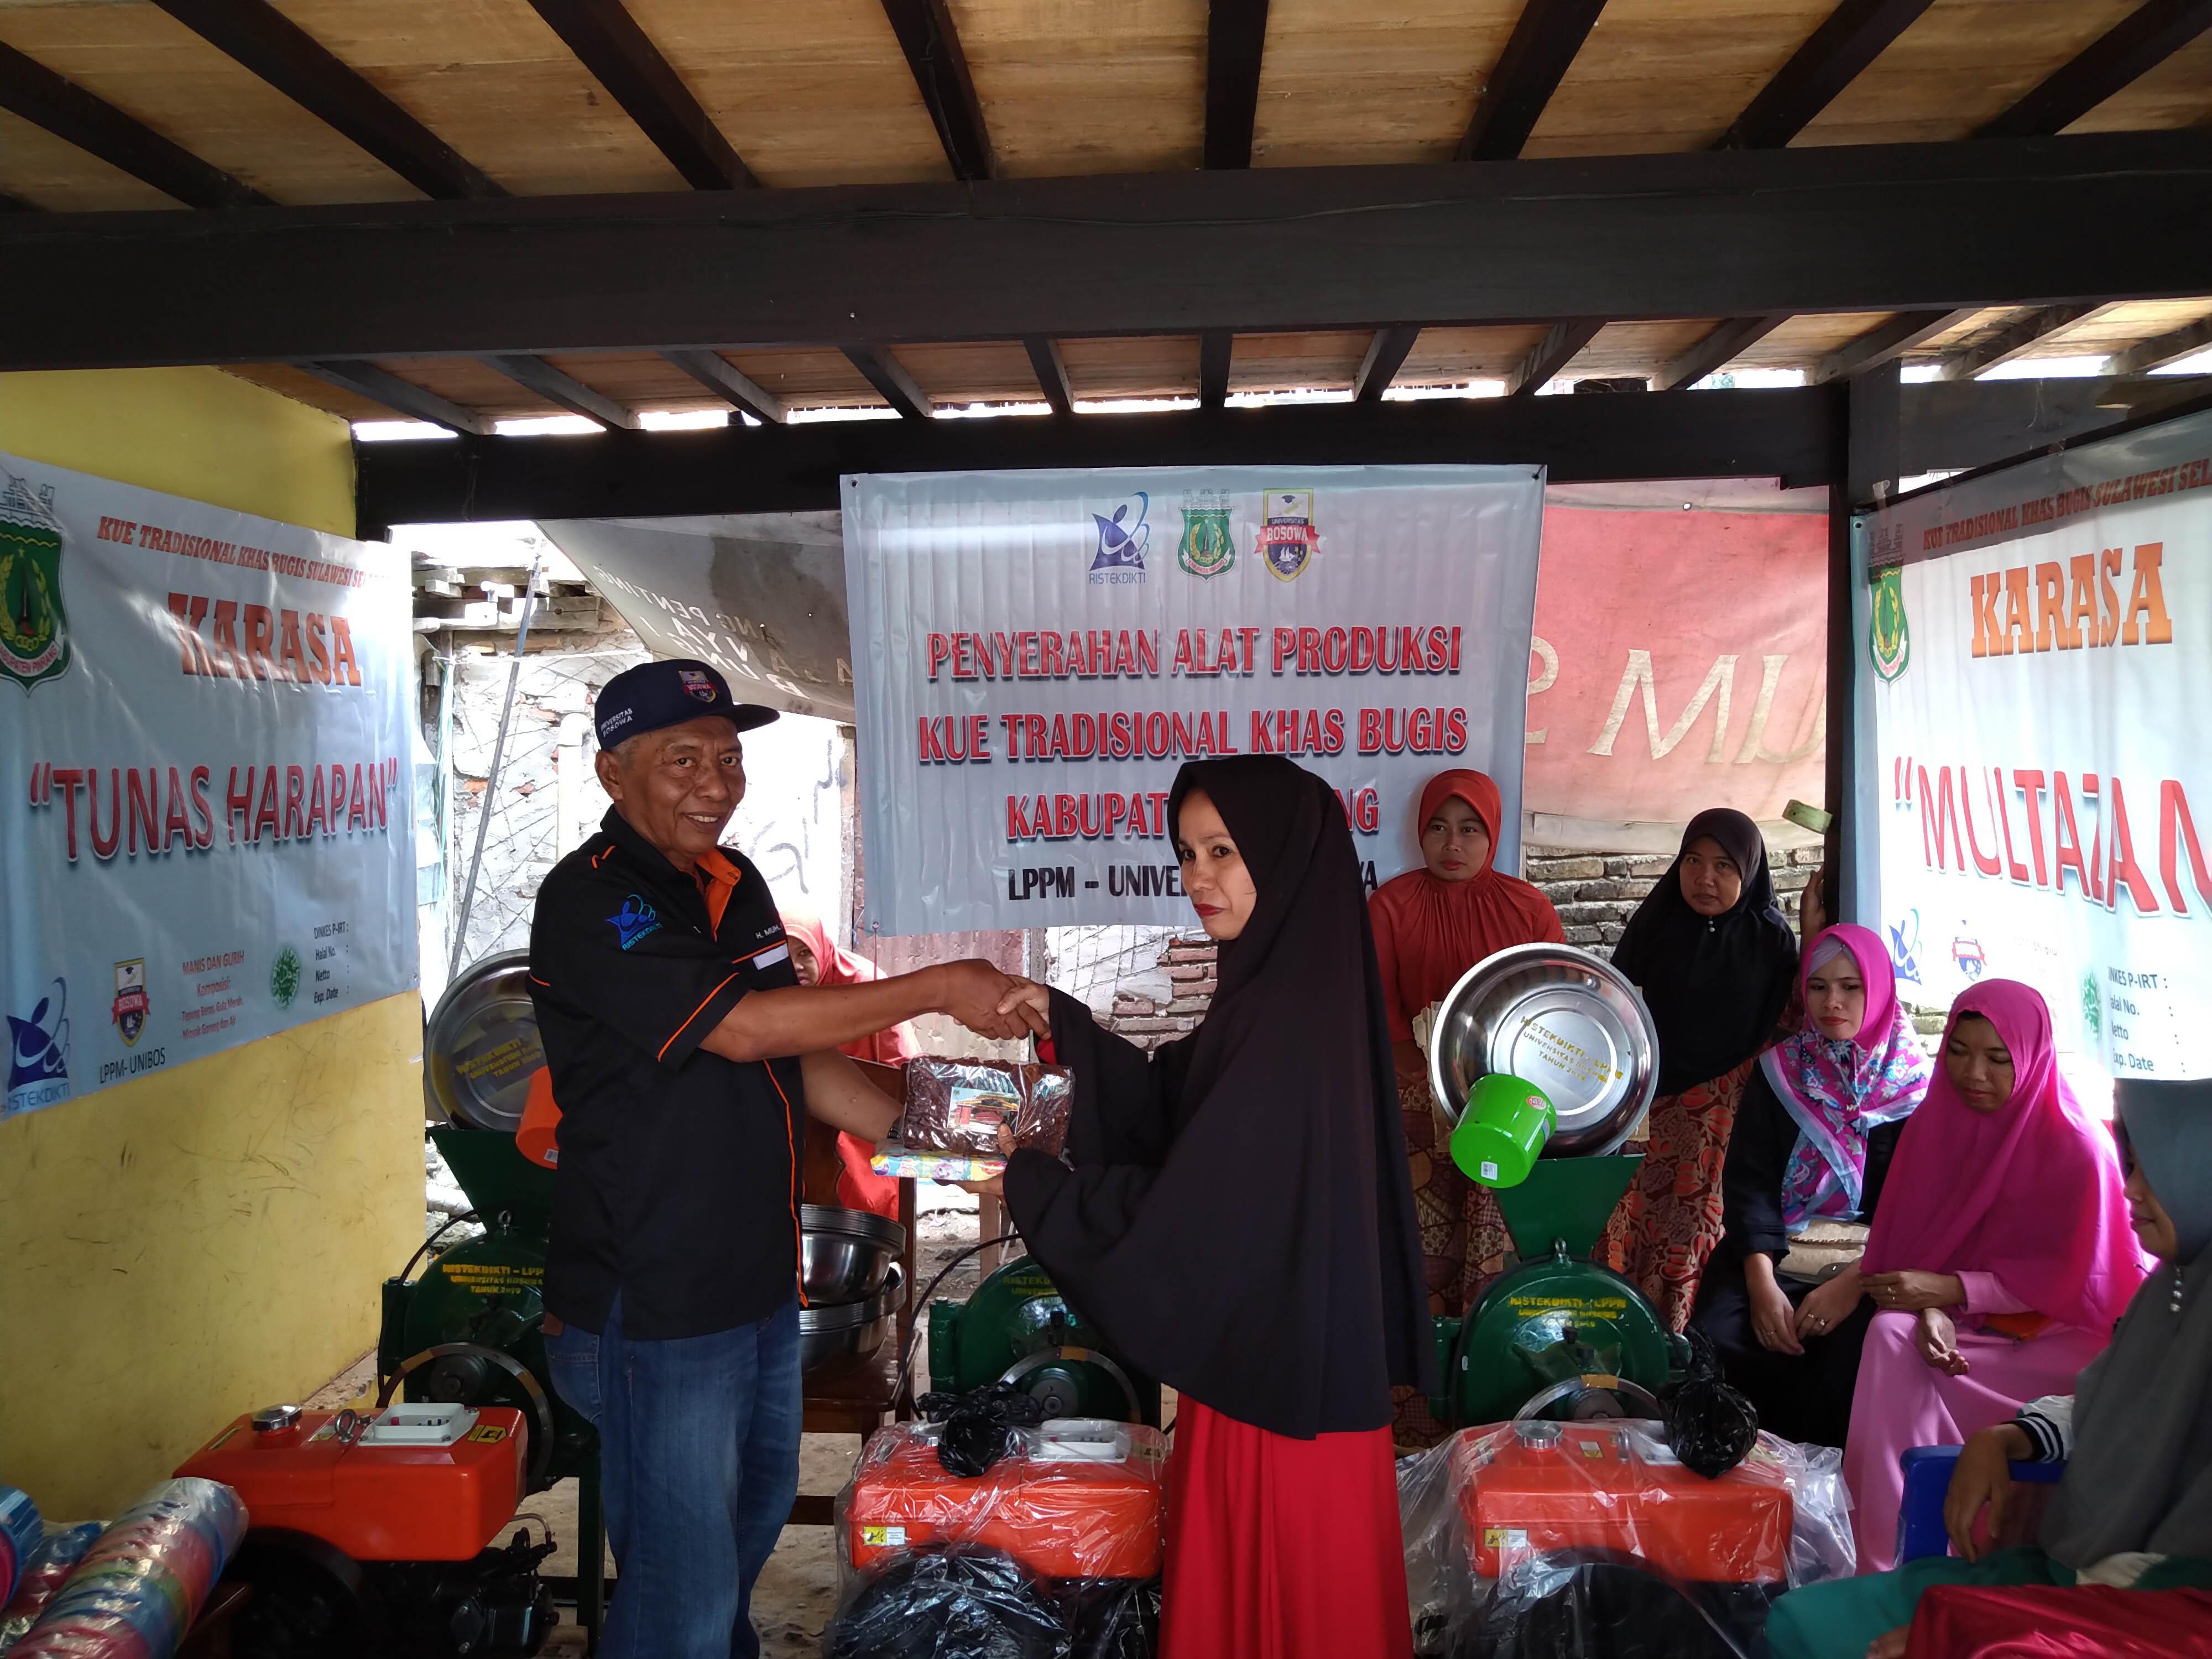 Dosen Unibos Bantu Pengembangan Kue Bugis Masyarakat Cempa